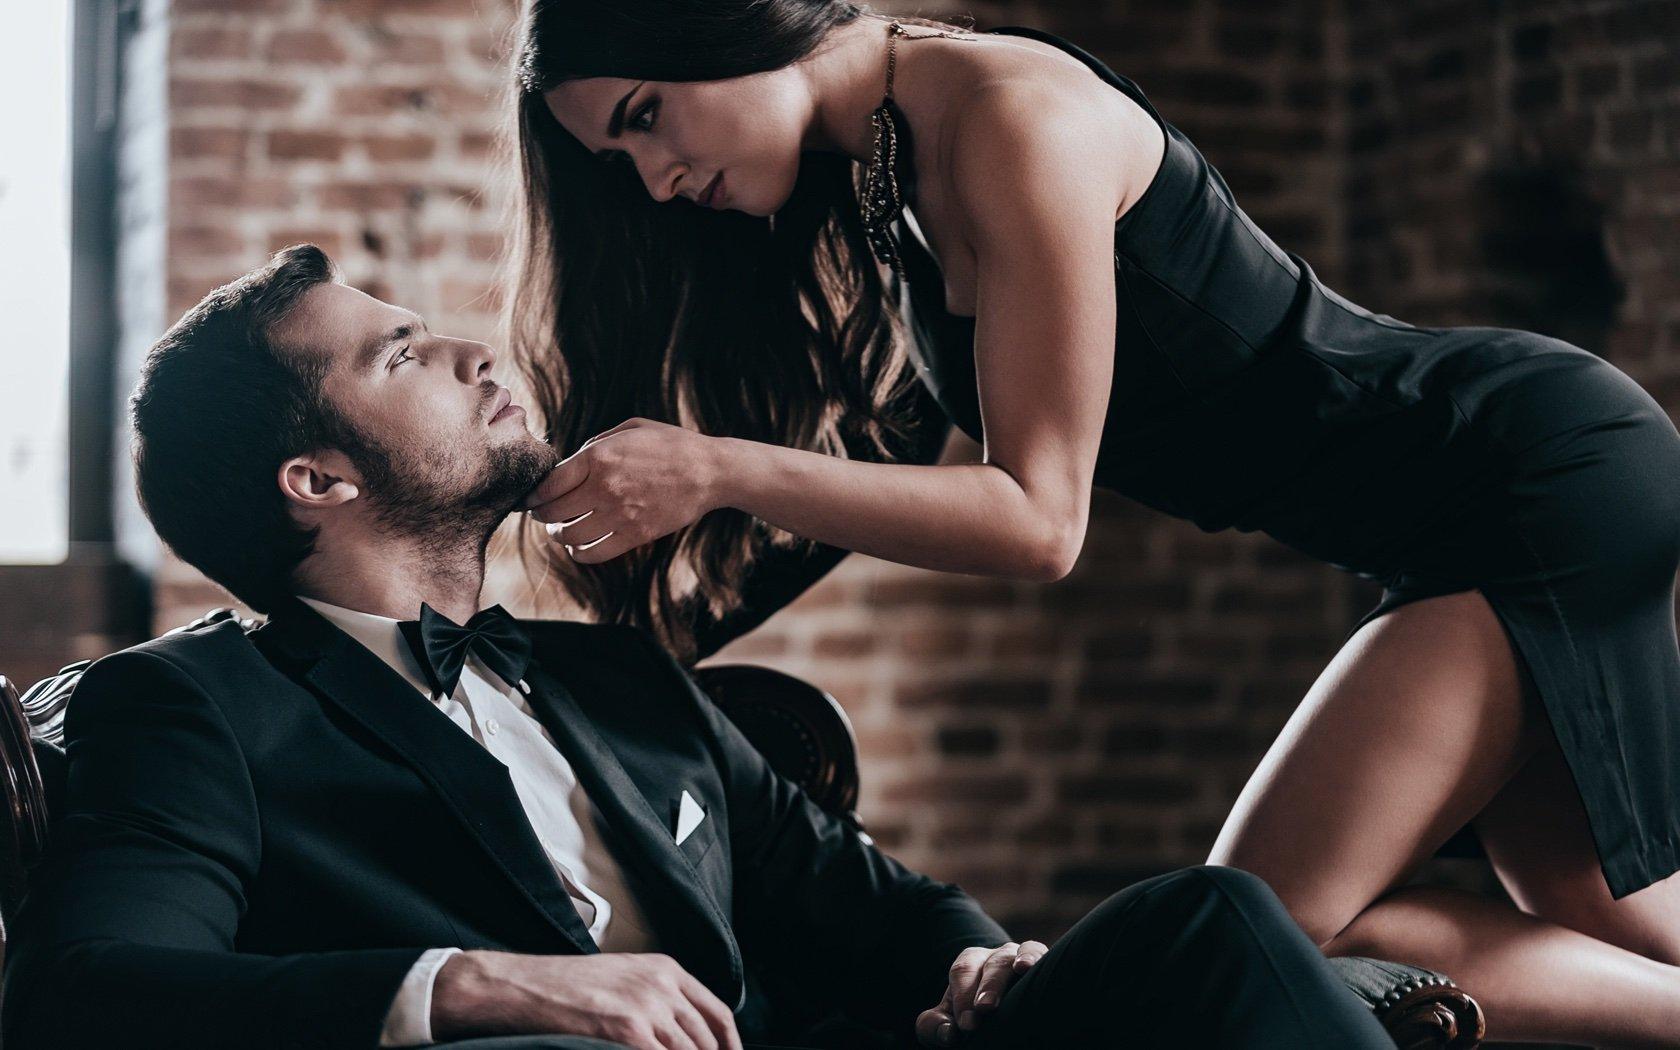 Что значит доминировать в отношениях с женщиной или мужчиной - как доминировать с умом